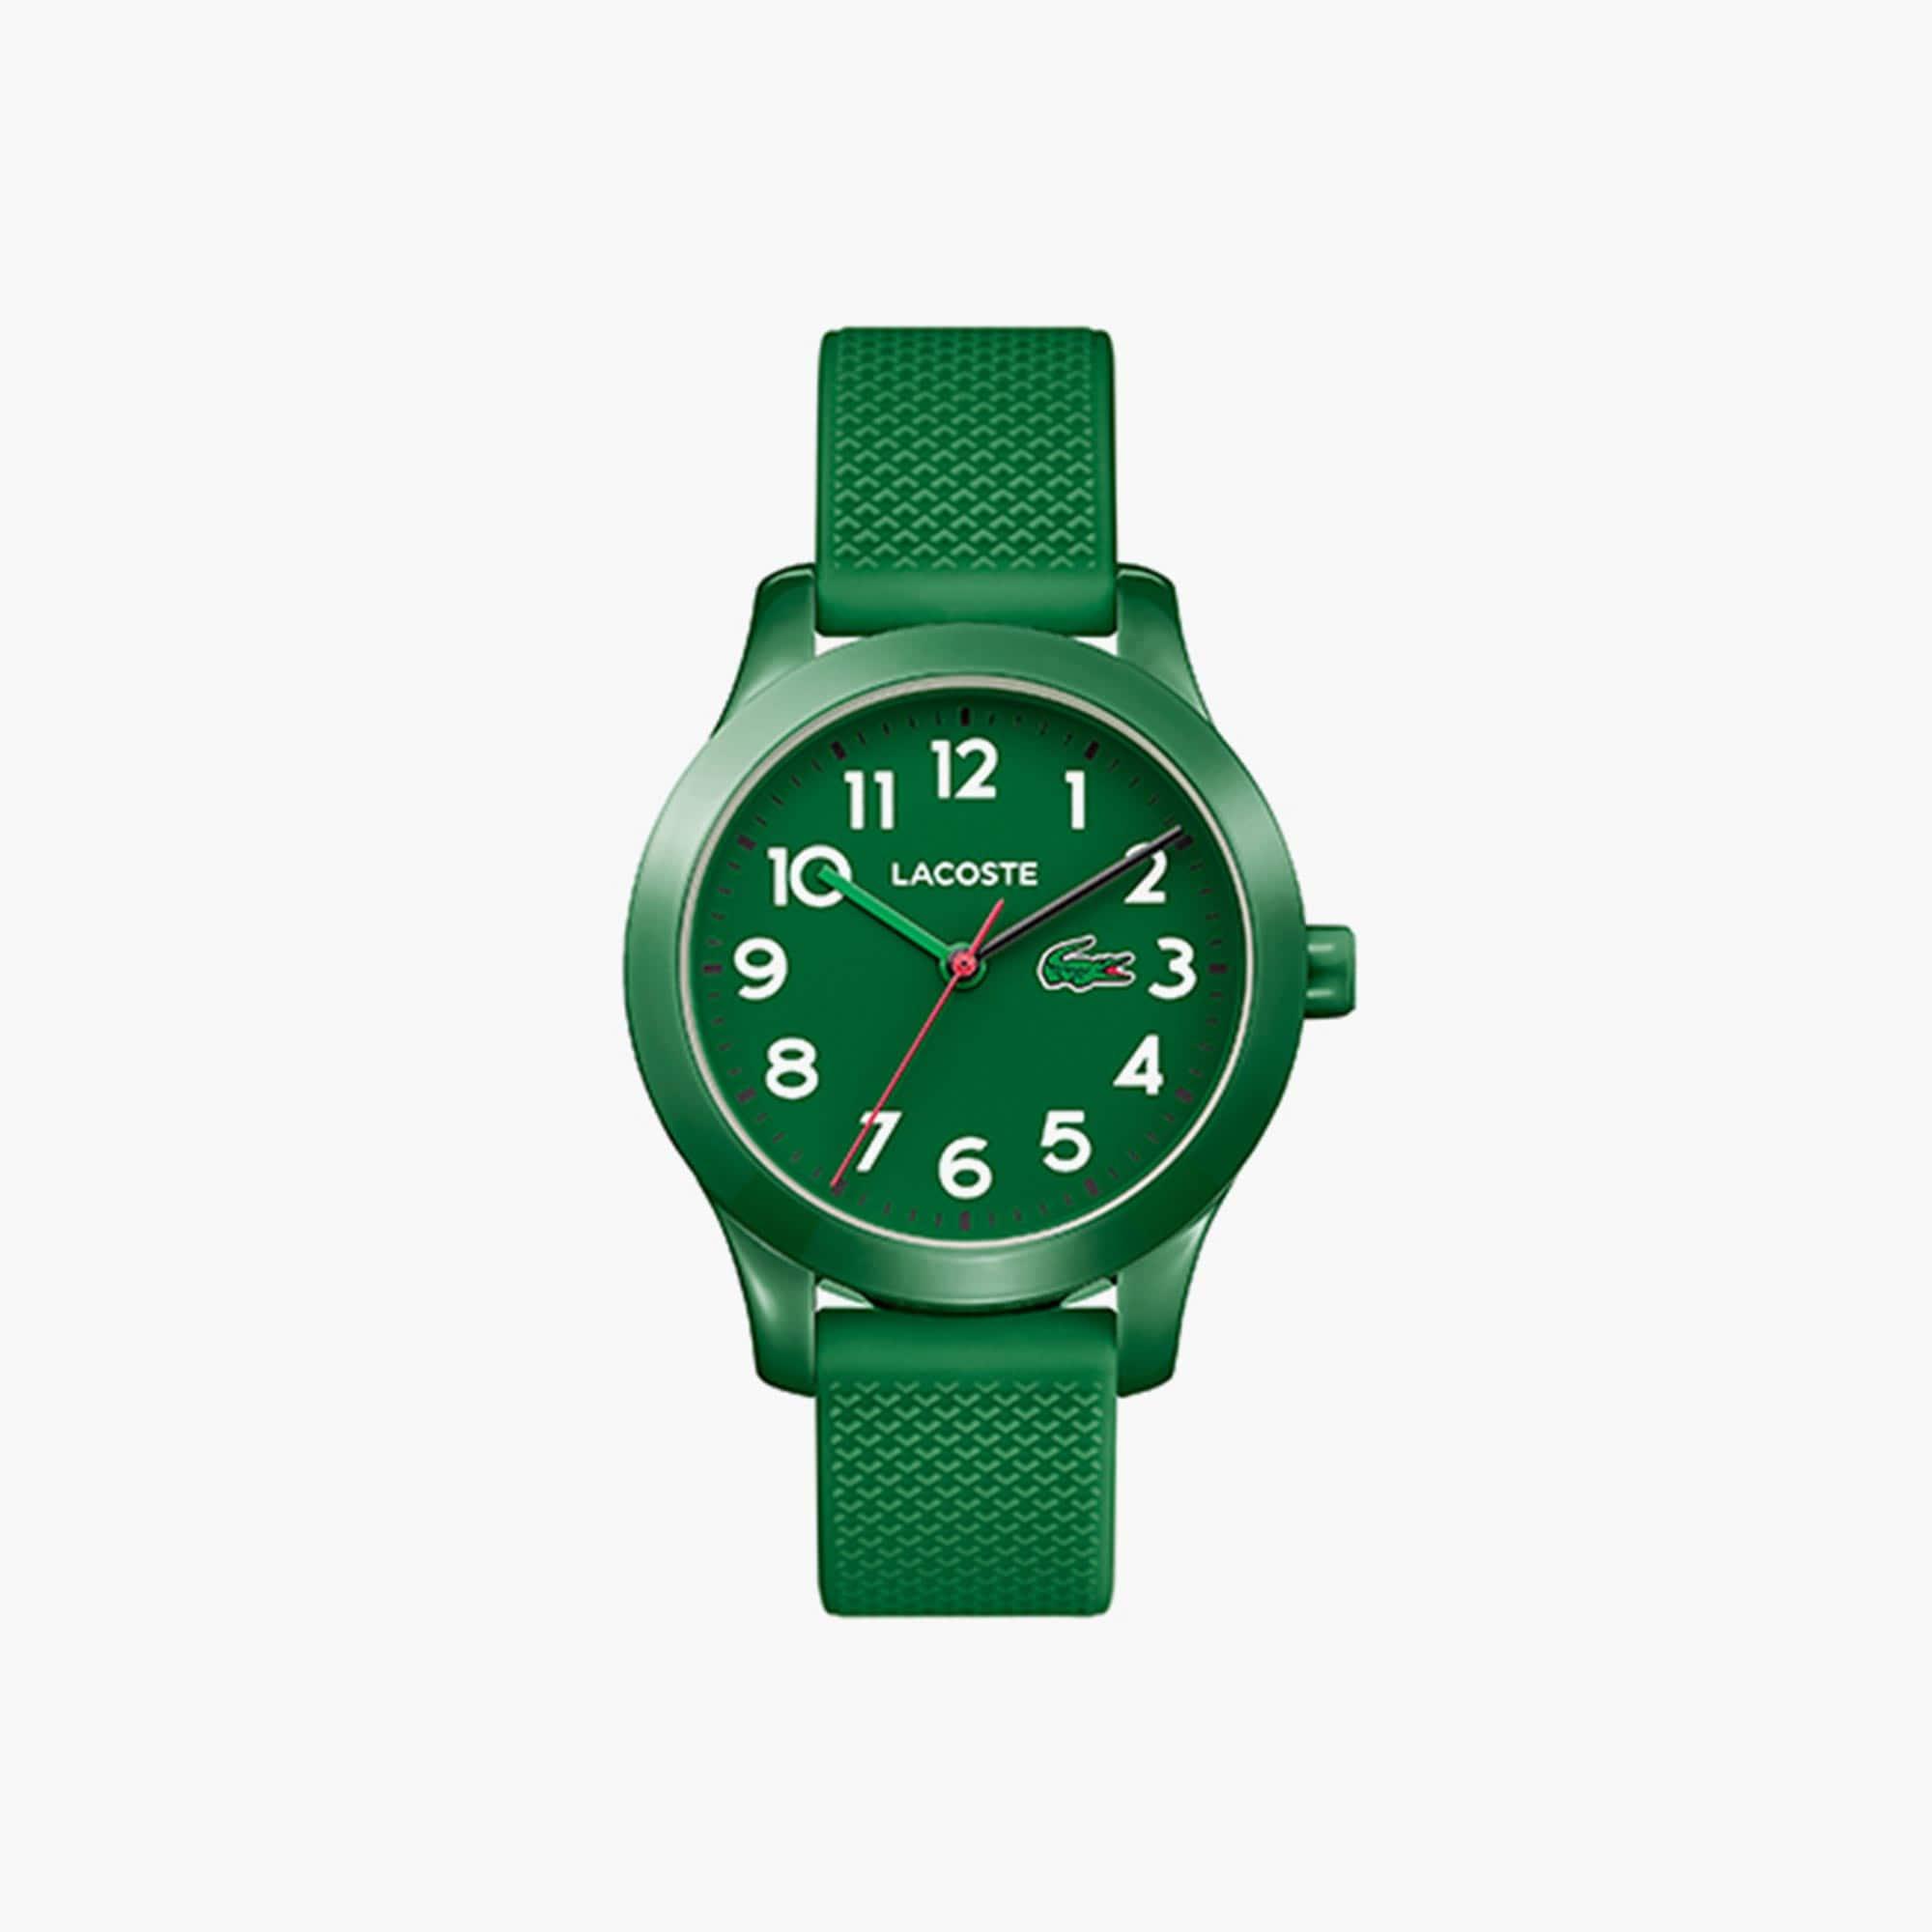 Relógio Lacoste 12.12 de criança com bracelete de silicone verde